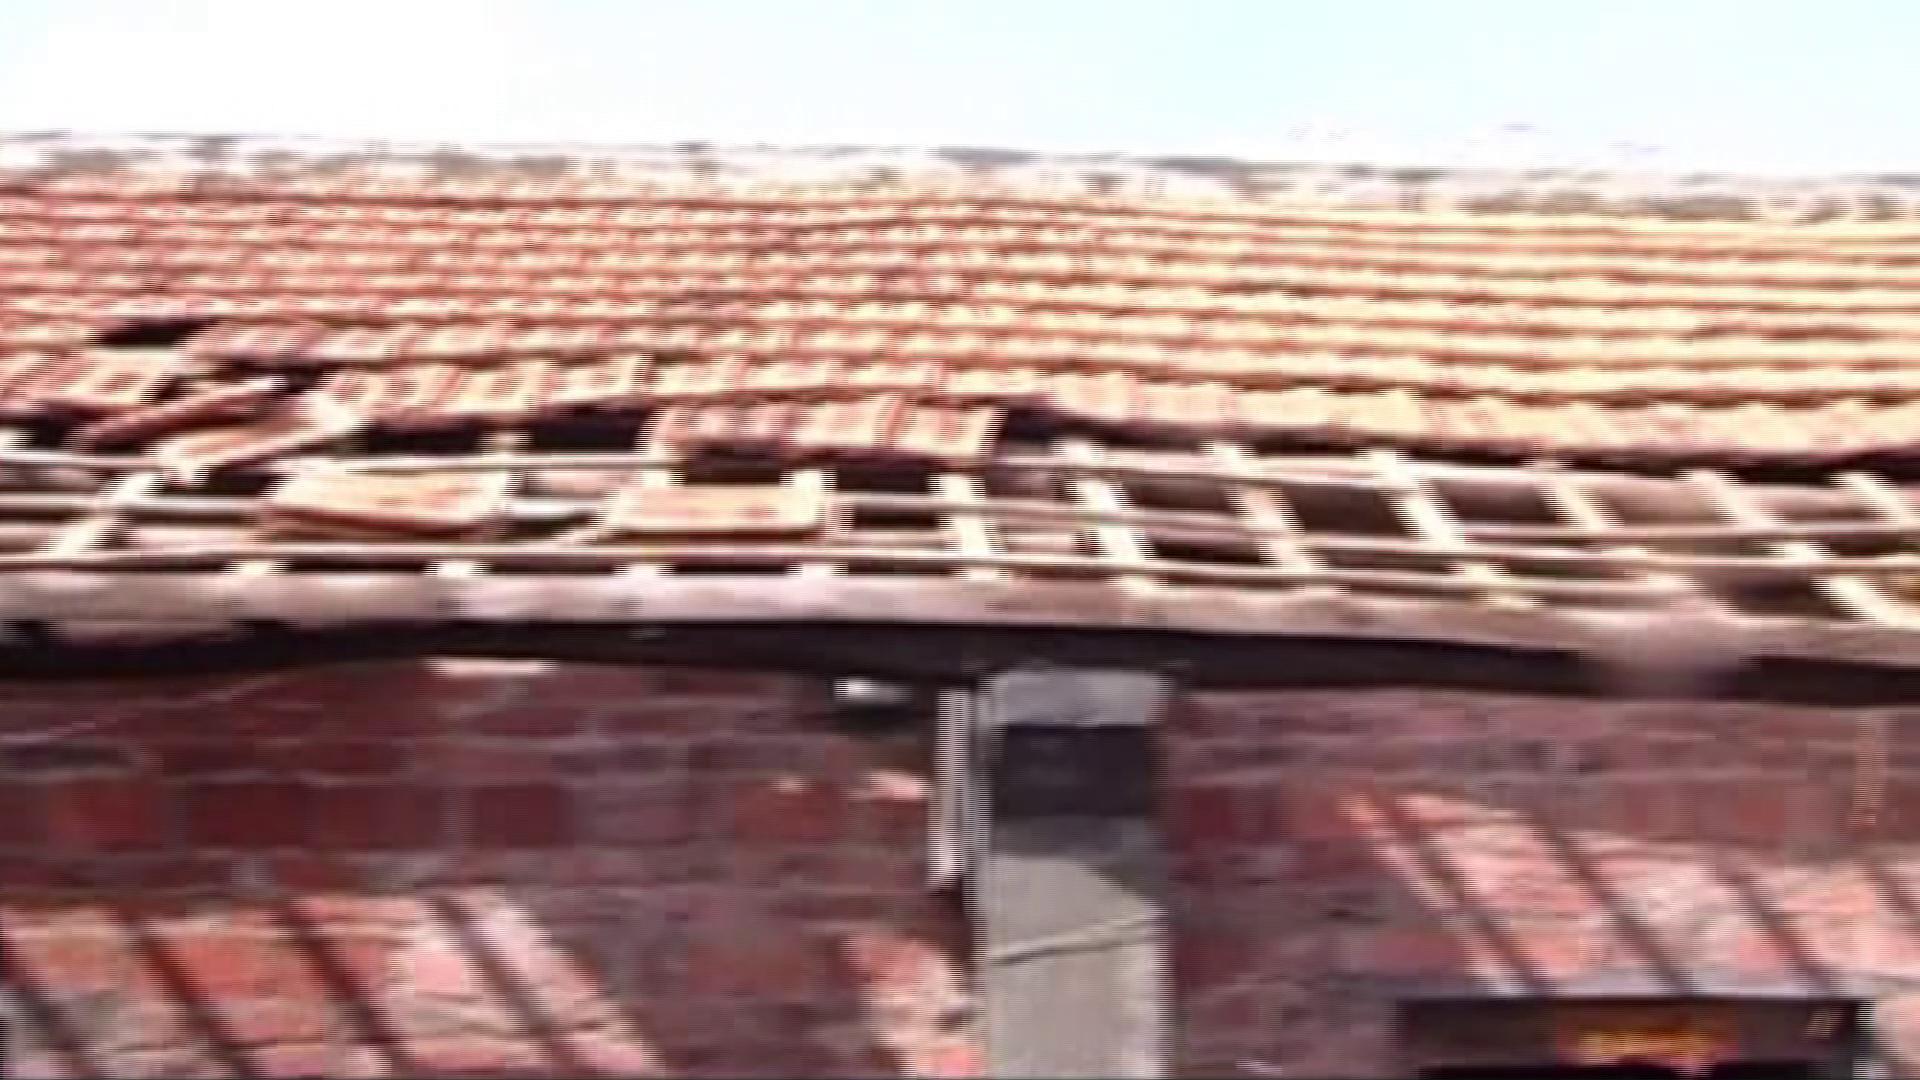 肇庆三防提醒您:台风天气请撤离砖瓦房、危旧房等危险地方